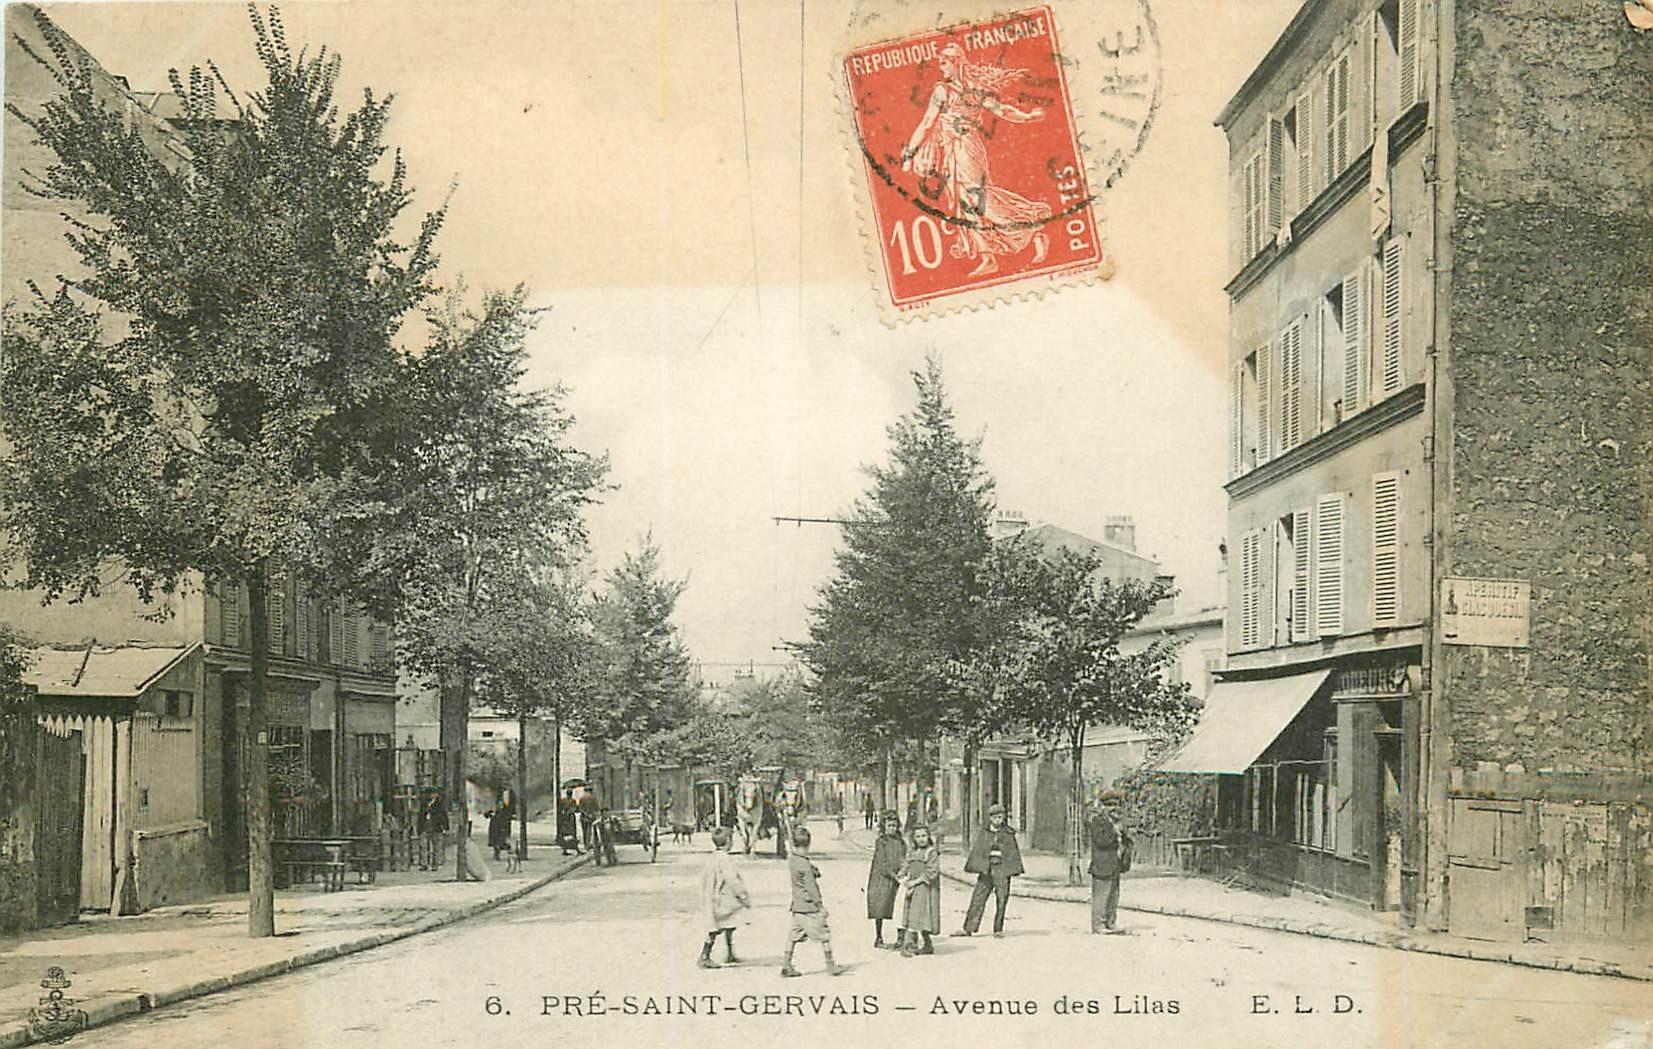 WW 93 LE PRE-SAINT-GERVAIS. Bistrot Buvette Avenue des Lilas 1911